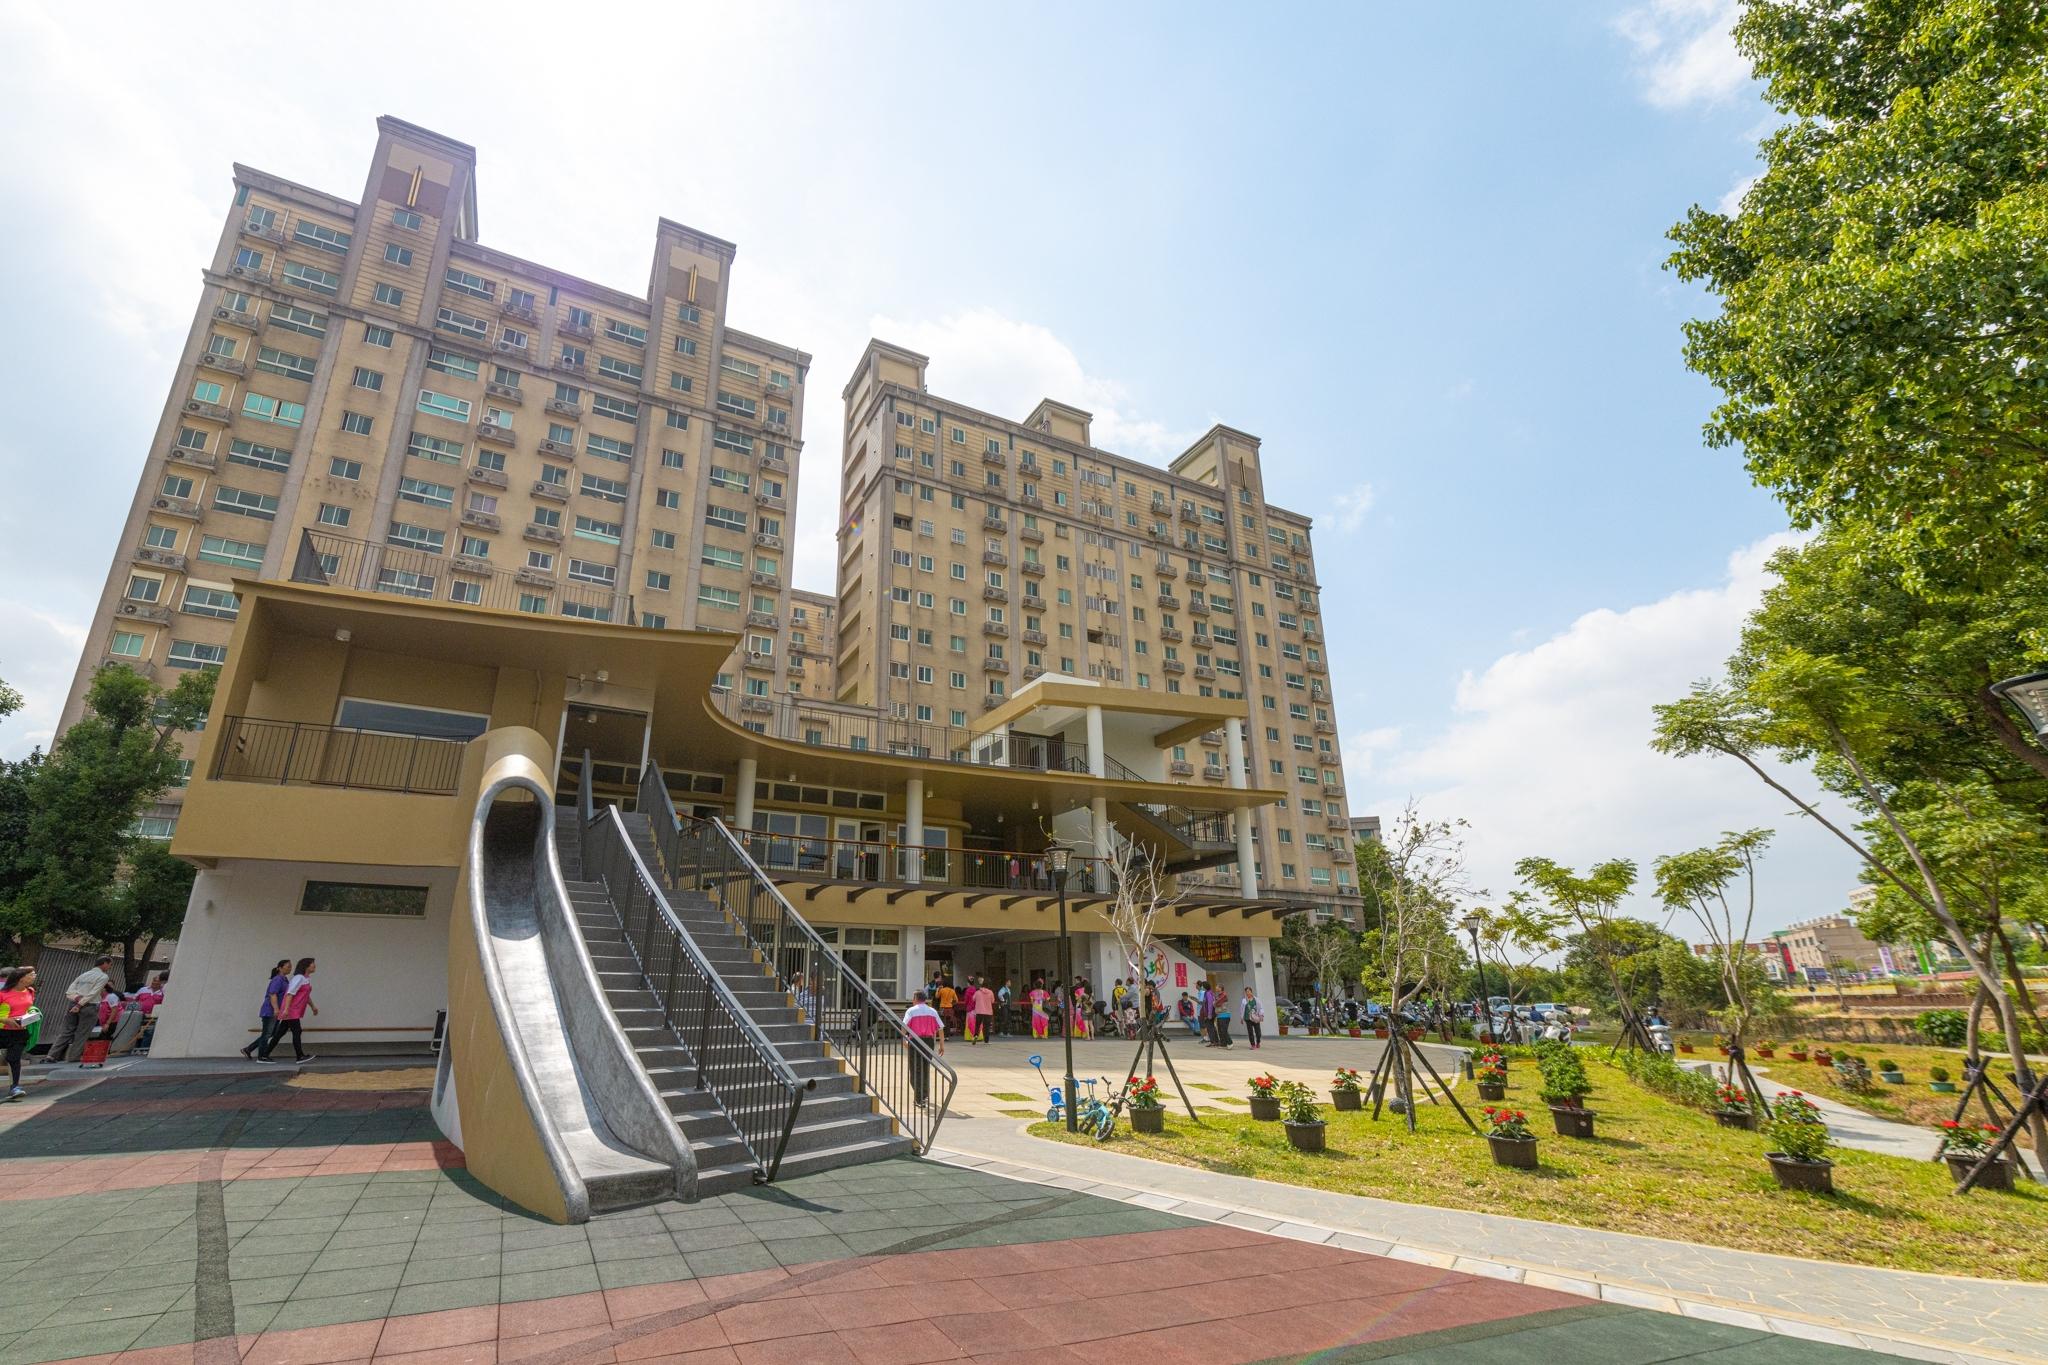 建築物與溜滑梯結合,以地景式方式呈現公園設施